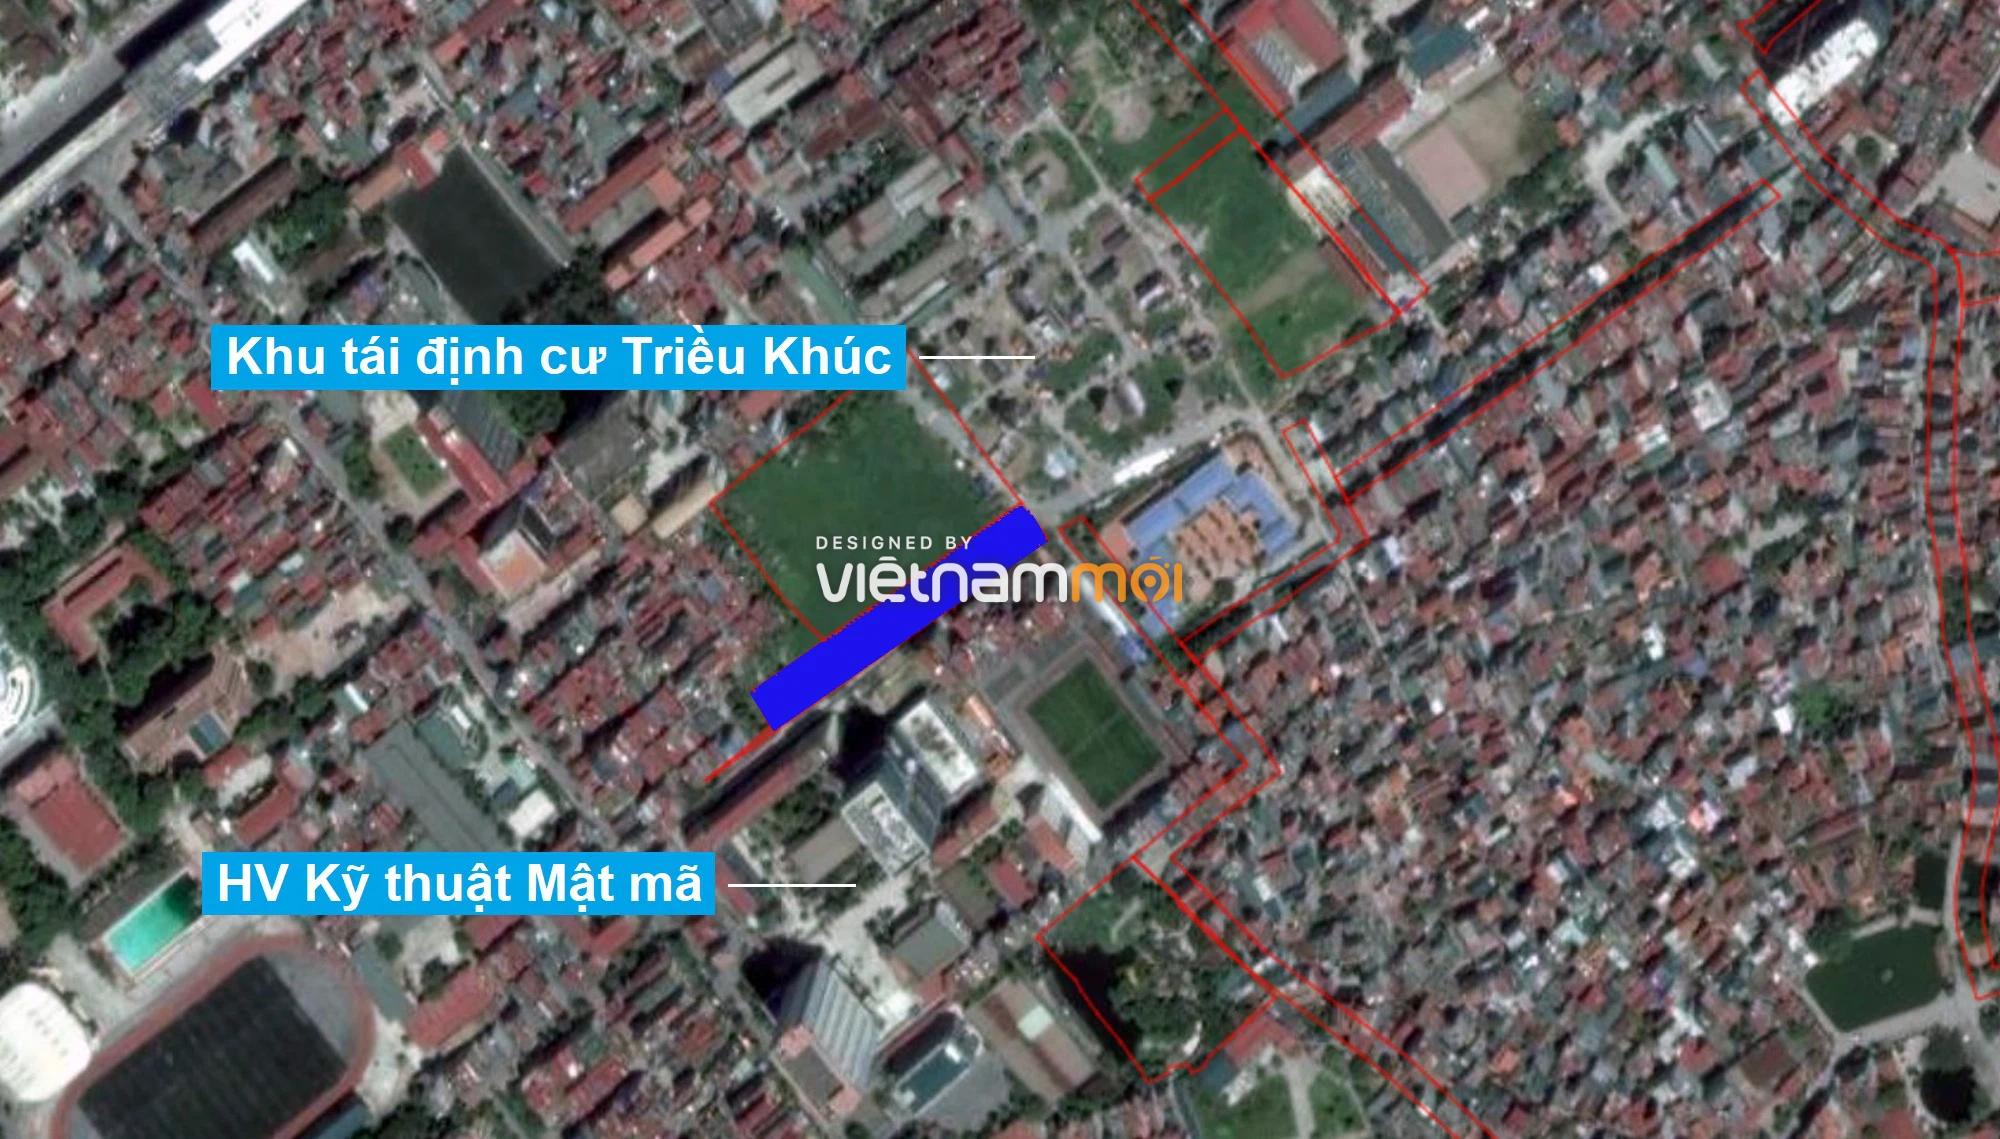 Những khu đất sắp thu hồi để mở đường ở xã Tân Triều, Thanh Trì, Hà Nội (phần 3) - Ảnh 9.